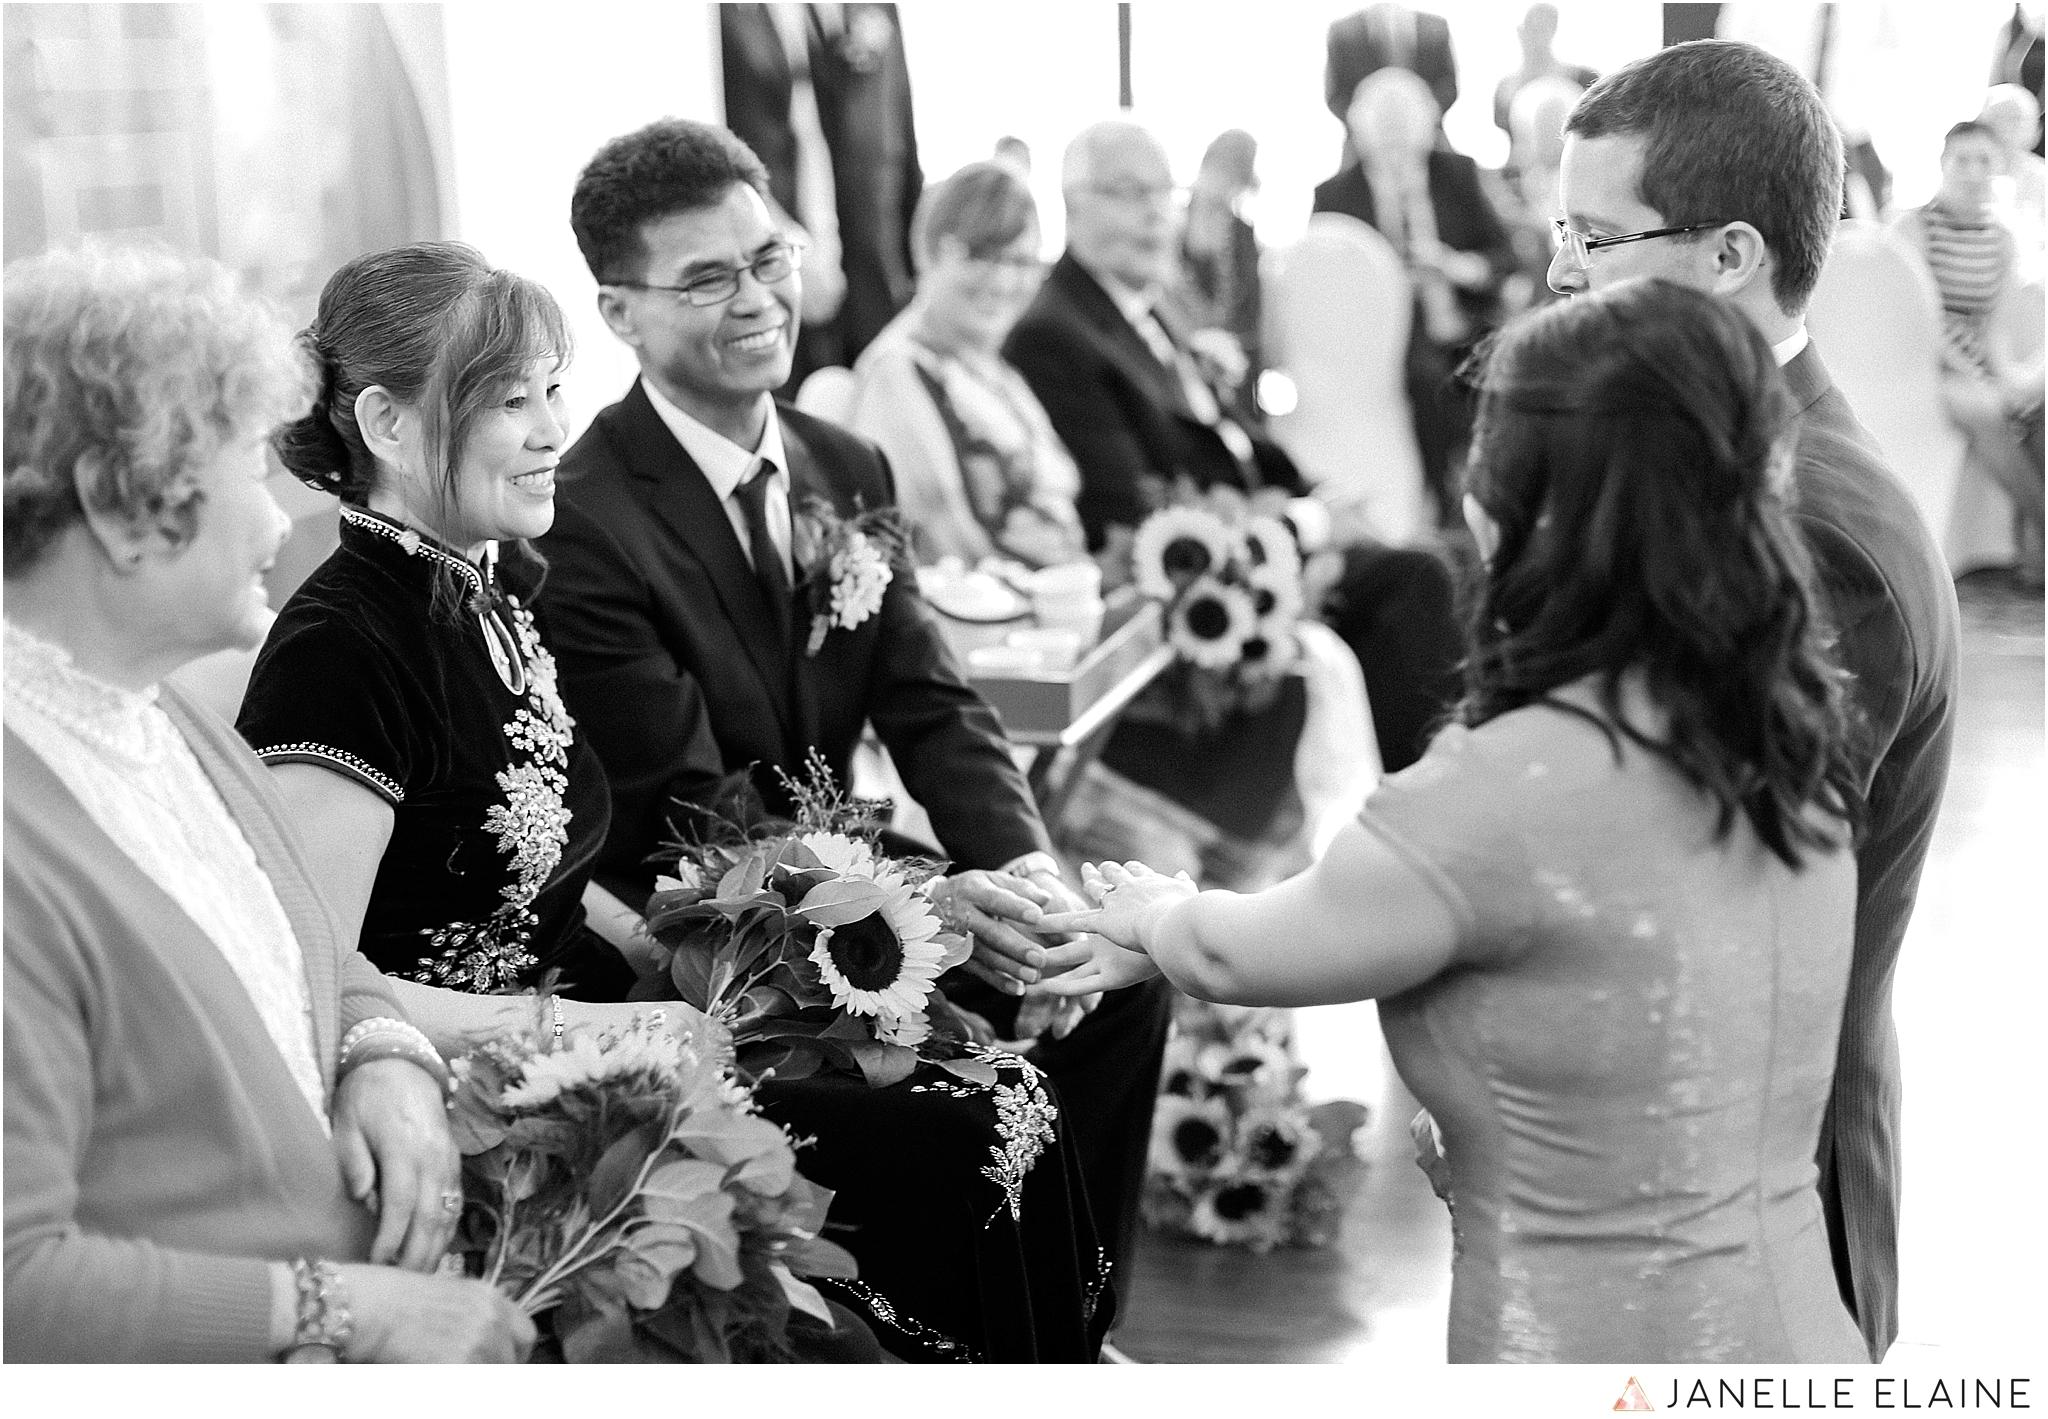 janelle elaine photography-professional wedding photographer seattle--131.jpg